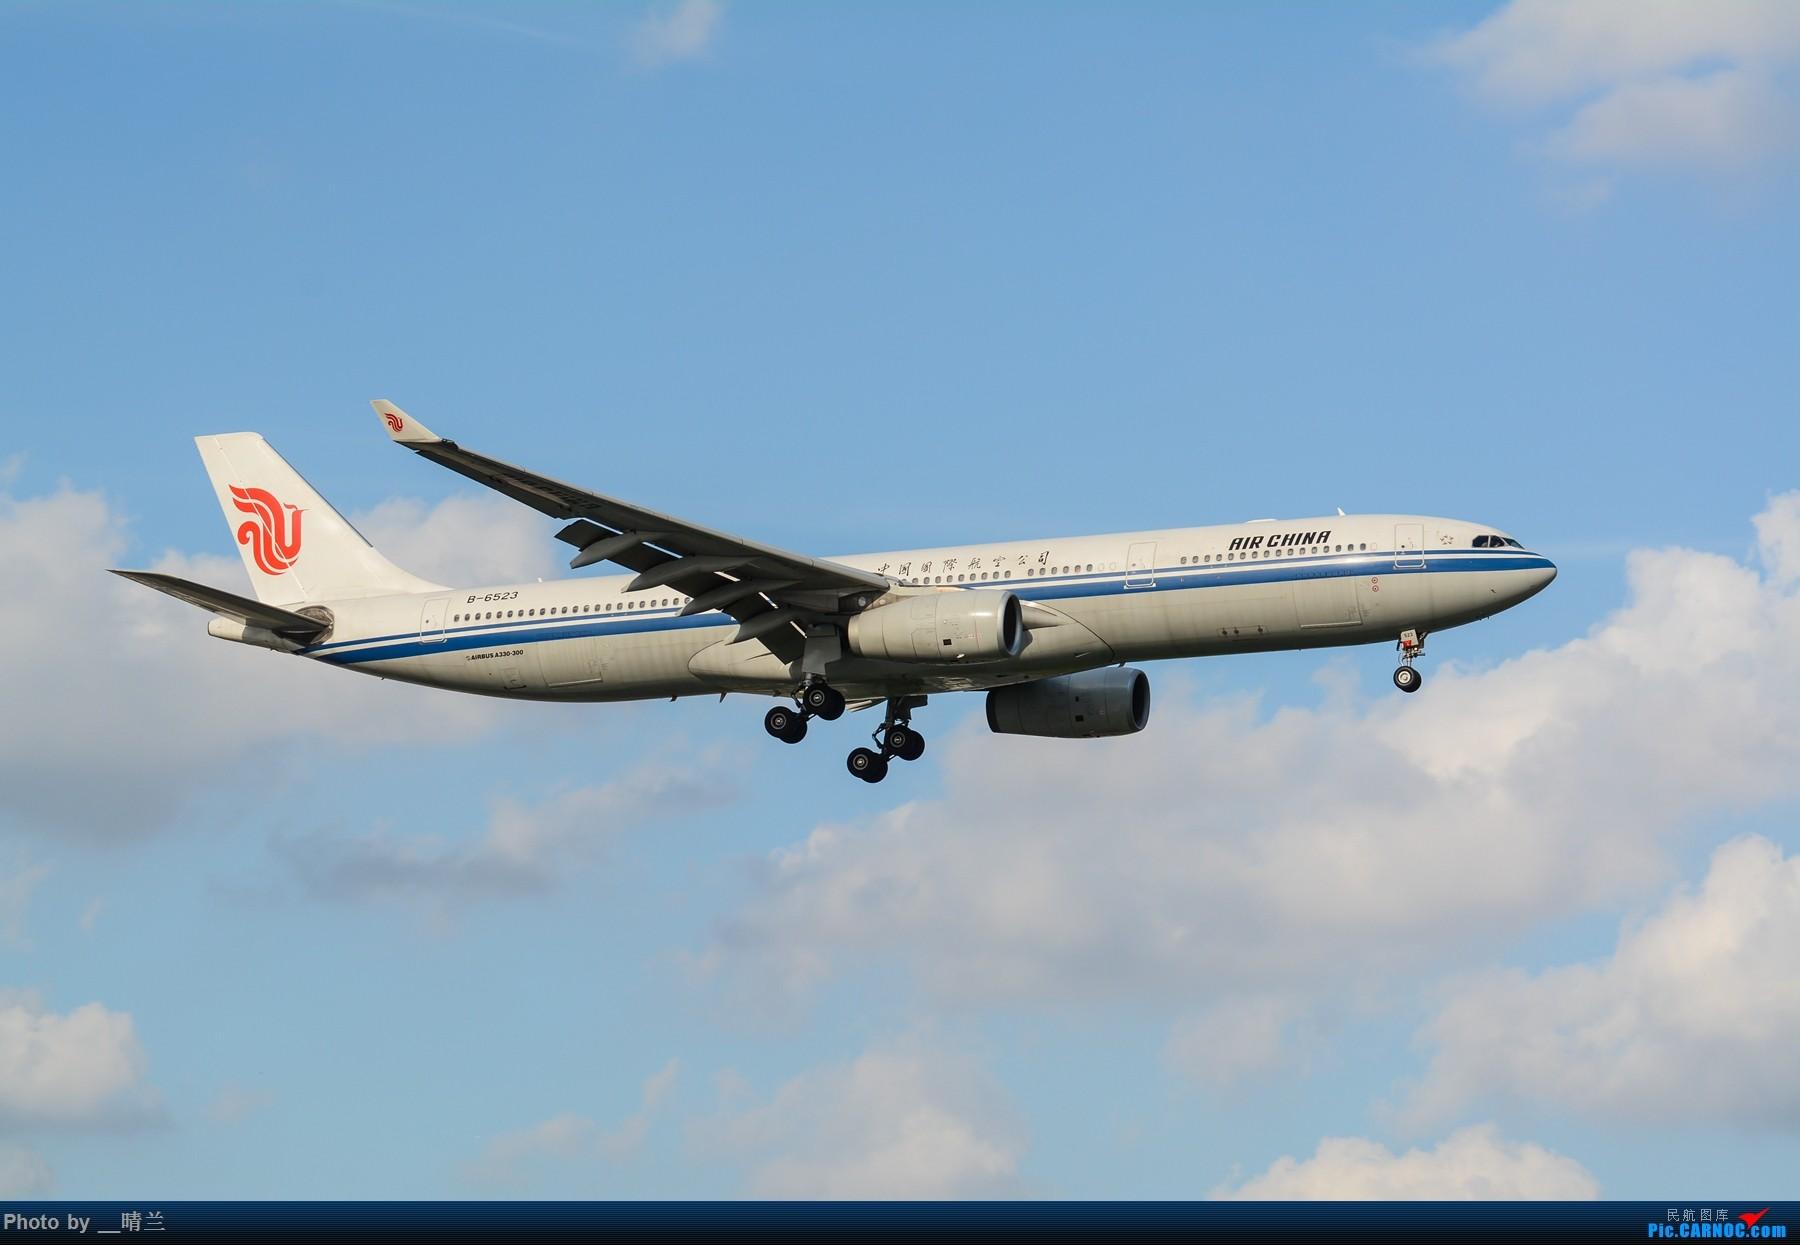 Re:[原创]果然昨天发了图,今天SHA就是大蓝天~~最开心的事莫过于基友们一起拍机! AIRBUS A330-300 B-6523 中国上海虹桥国际机场